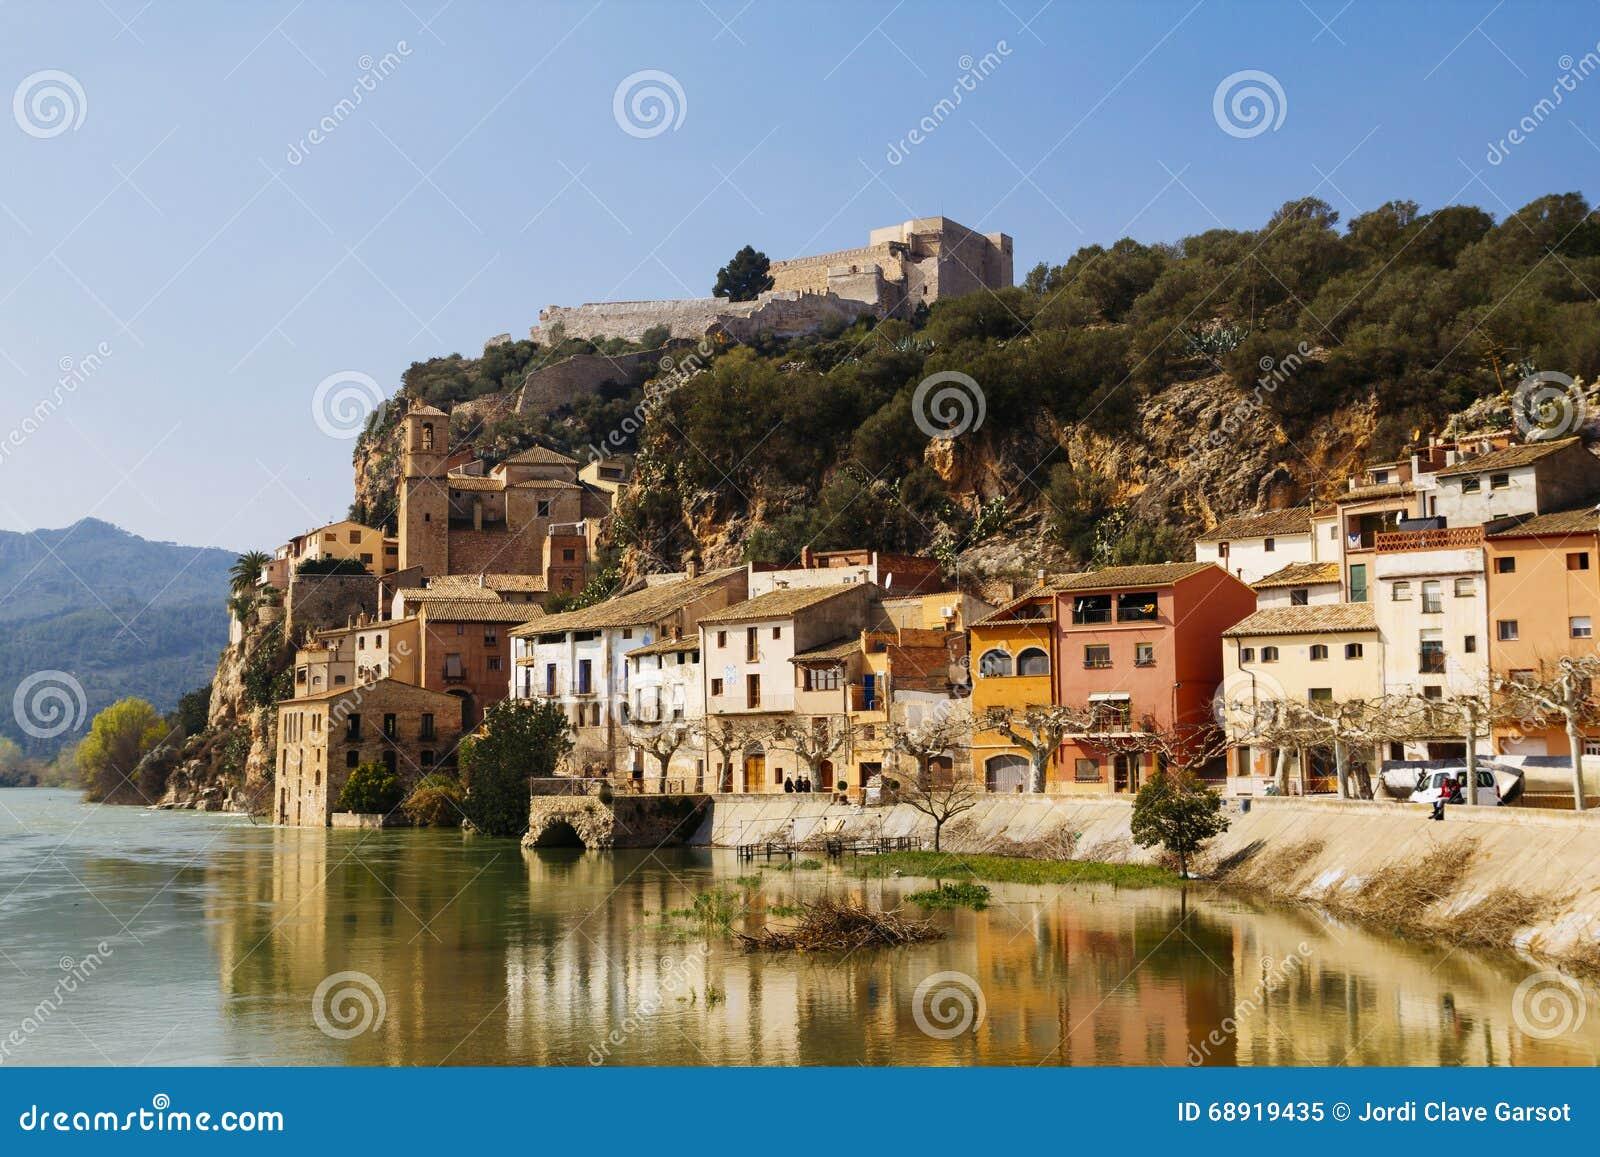 Miravet dorp in Catalunya, Spanje